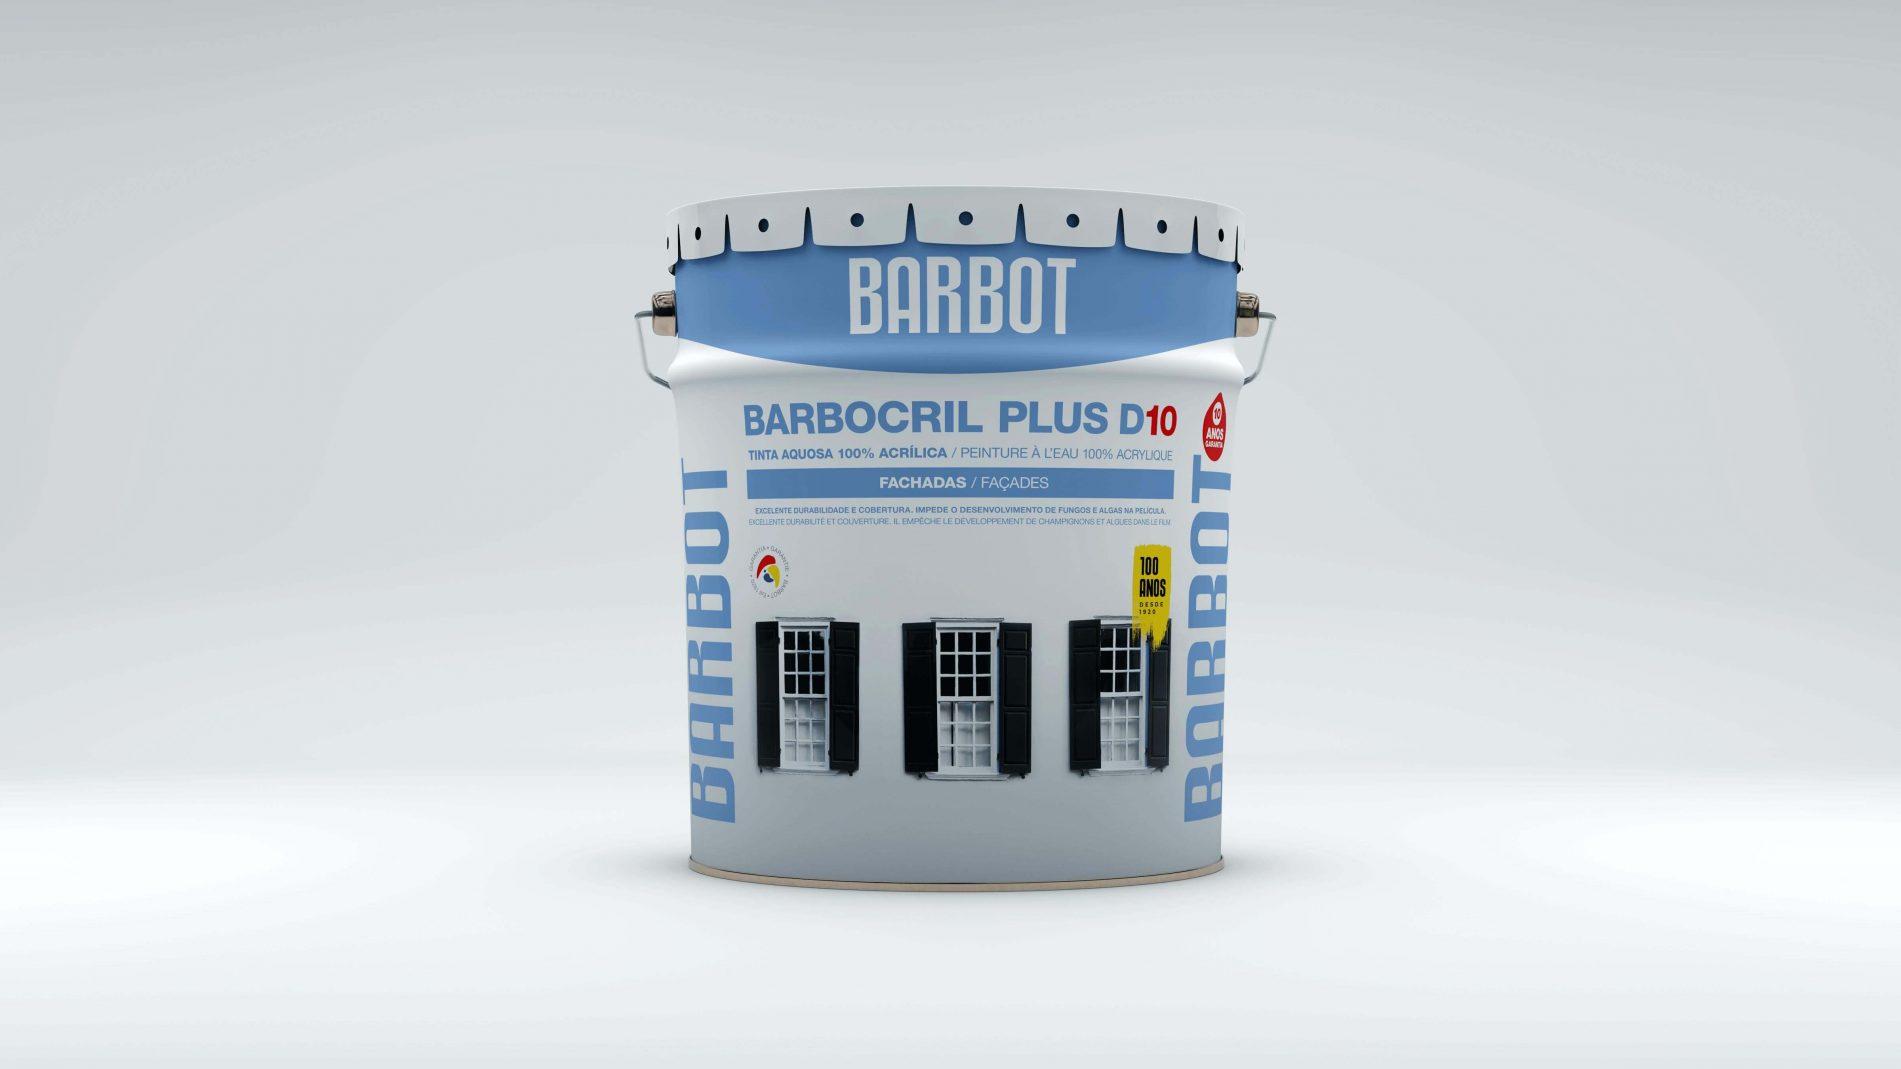 Barbocril Plus D10, Fachadas, Telhados e Terraços, Tintas Lisas, Tintas Barbot